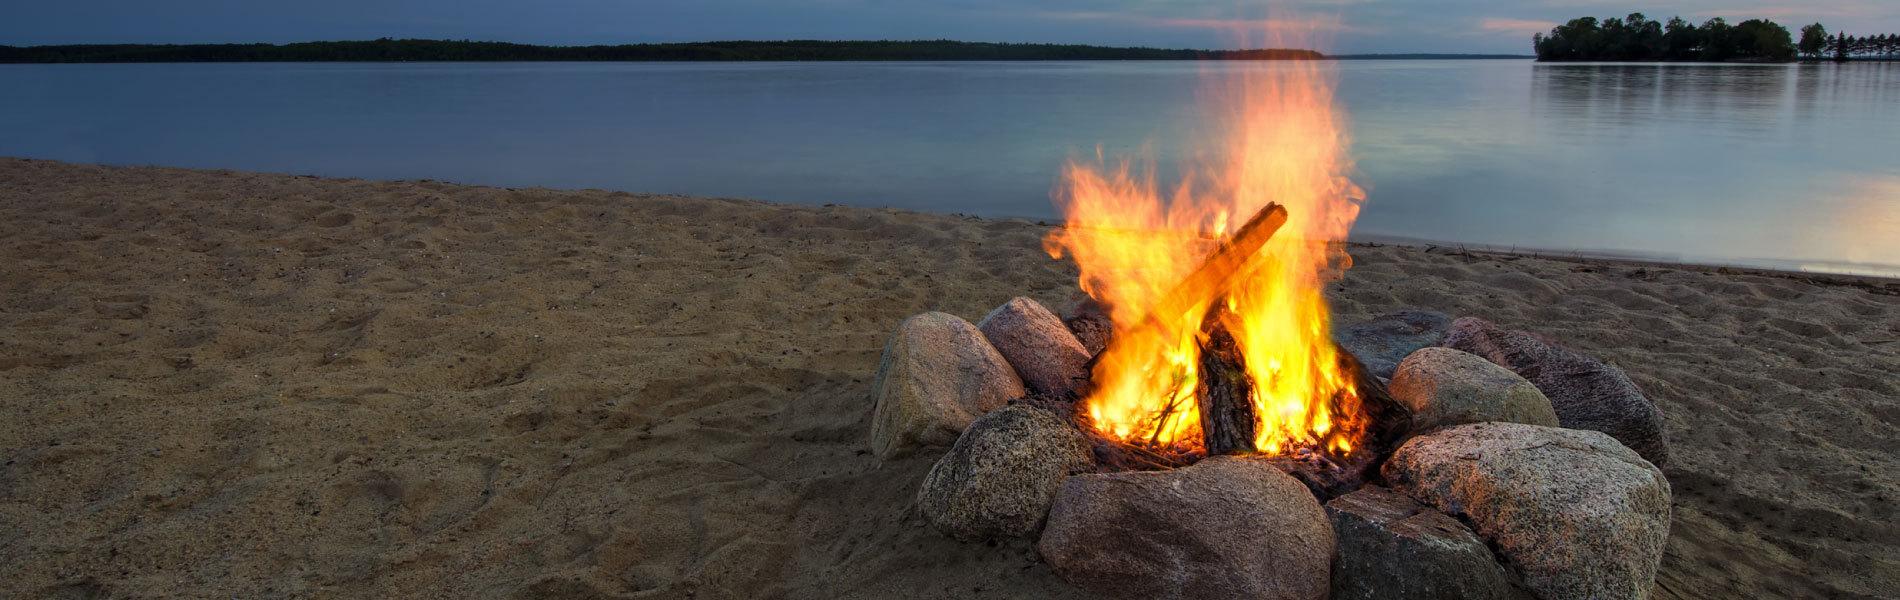 Summer Camp Fireplace